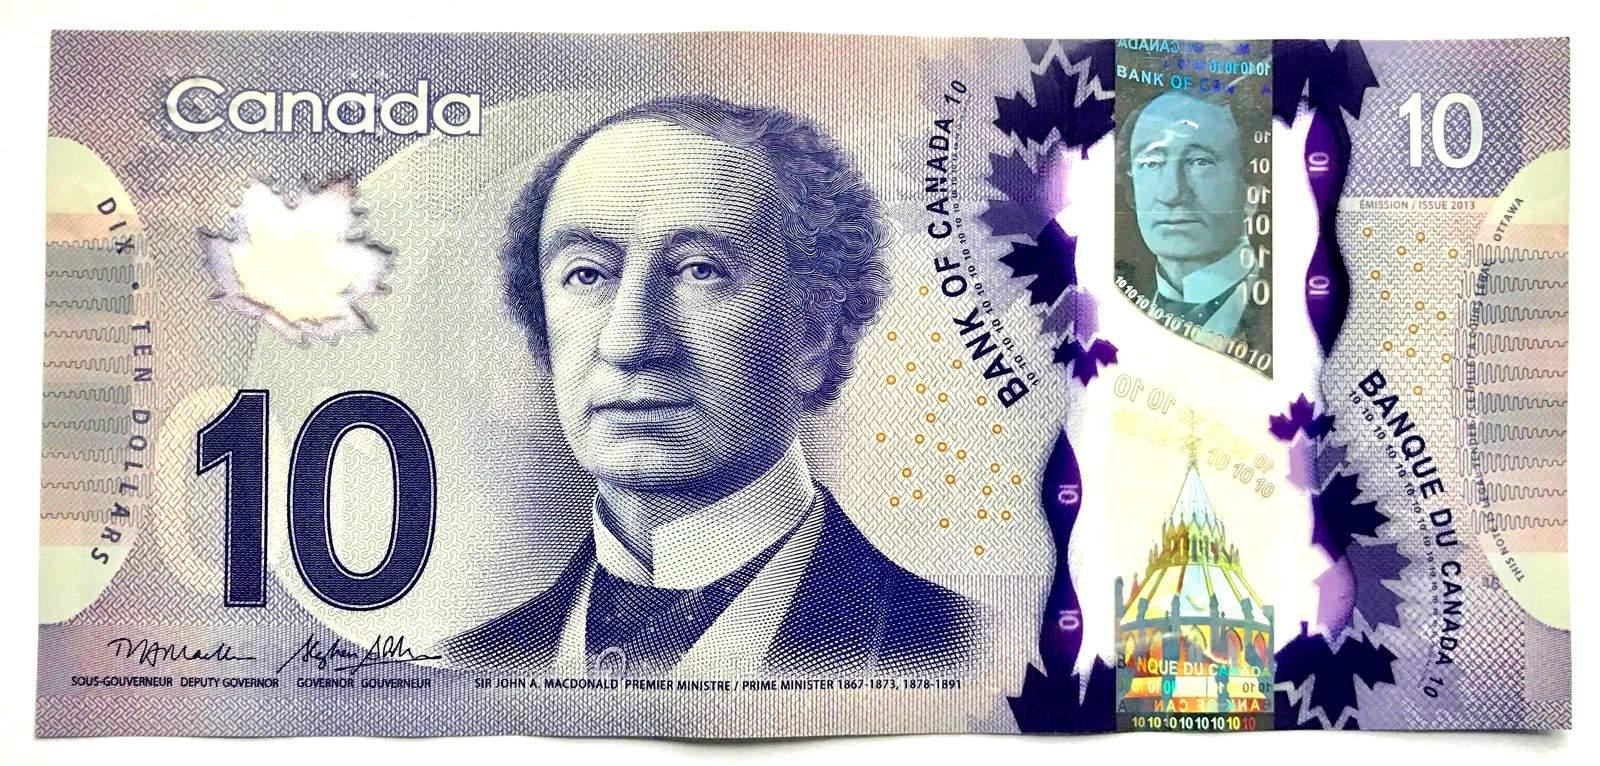 """اسکناس 10 دلاری به رنگ بنفش میباشدو تصویر اولیننخست وزیر کانادا """"John A.Mcdonald"""" و همچنین امضای وی روی آن نقش بسته شده است"""